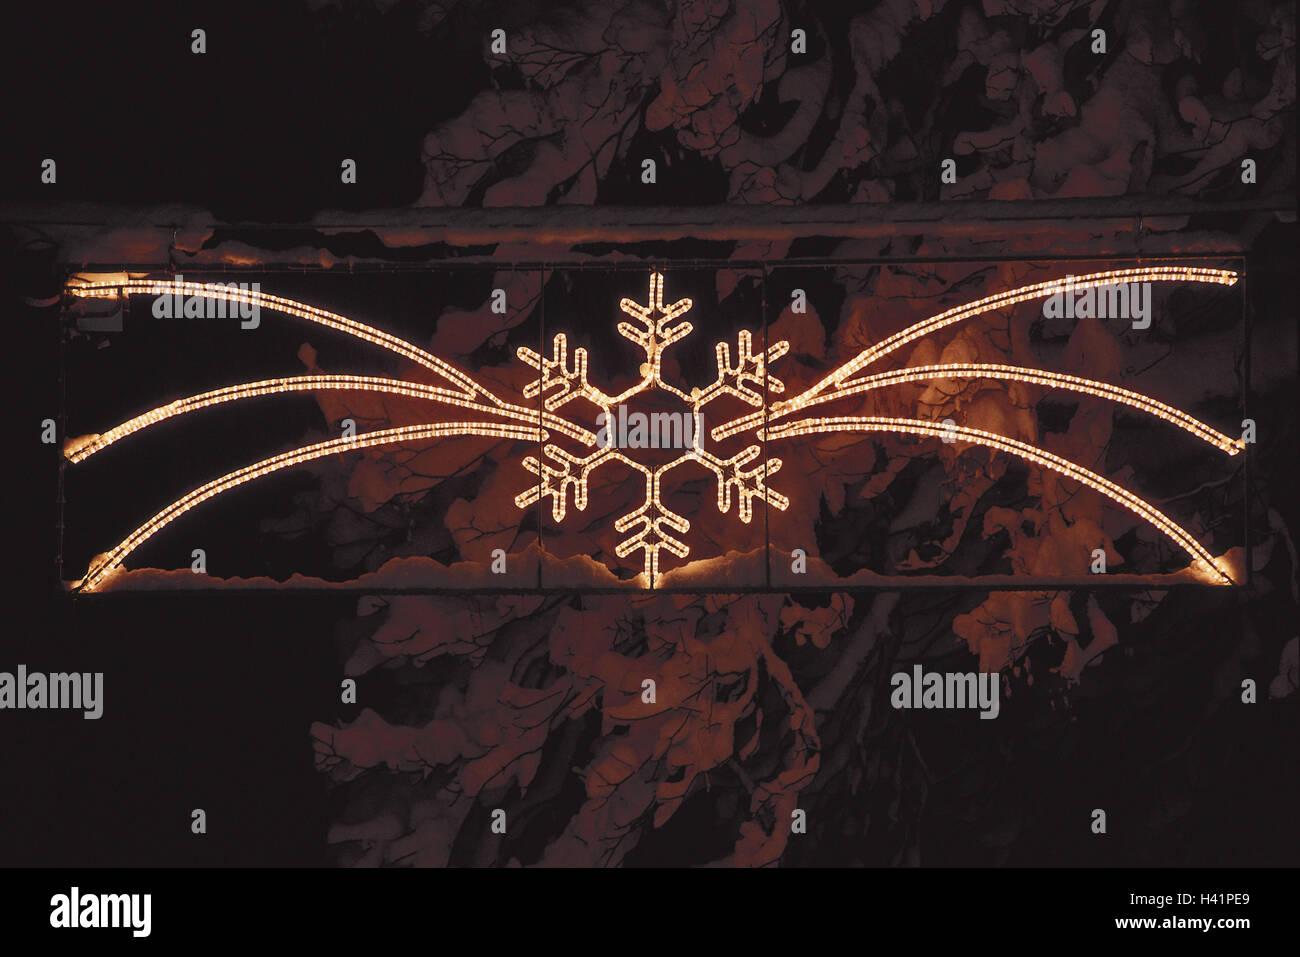 Weihnachtsbeleuchtung Außen Bogen.Weihnachtsbeleuchtung Leichten Bogen Sterne Weihnachten